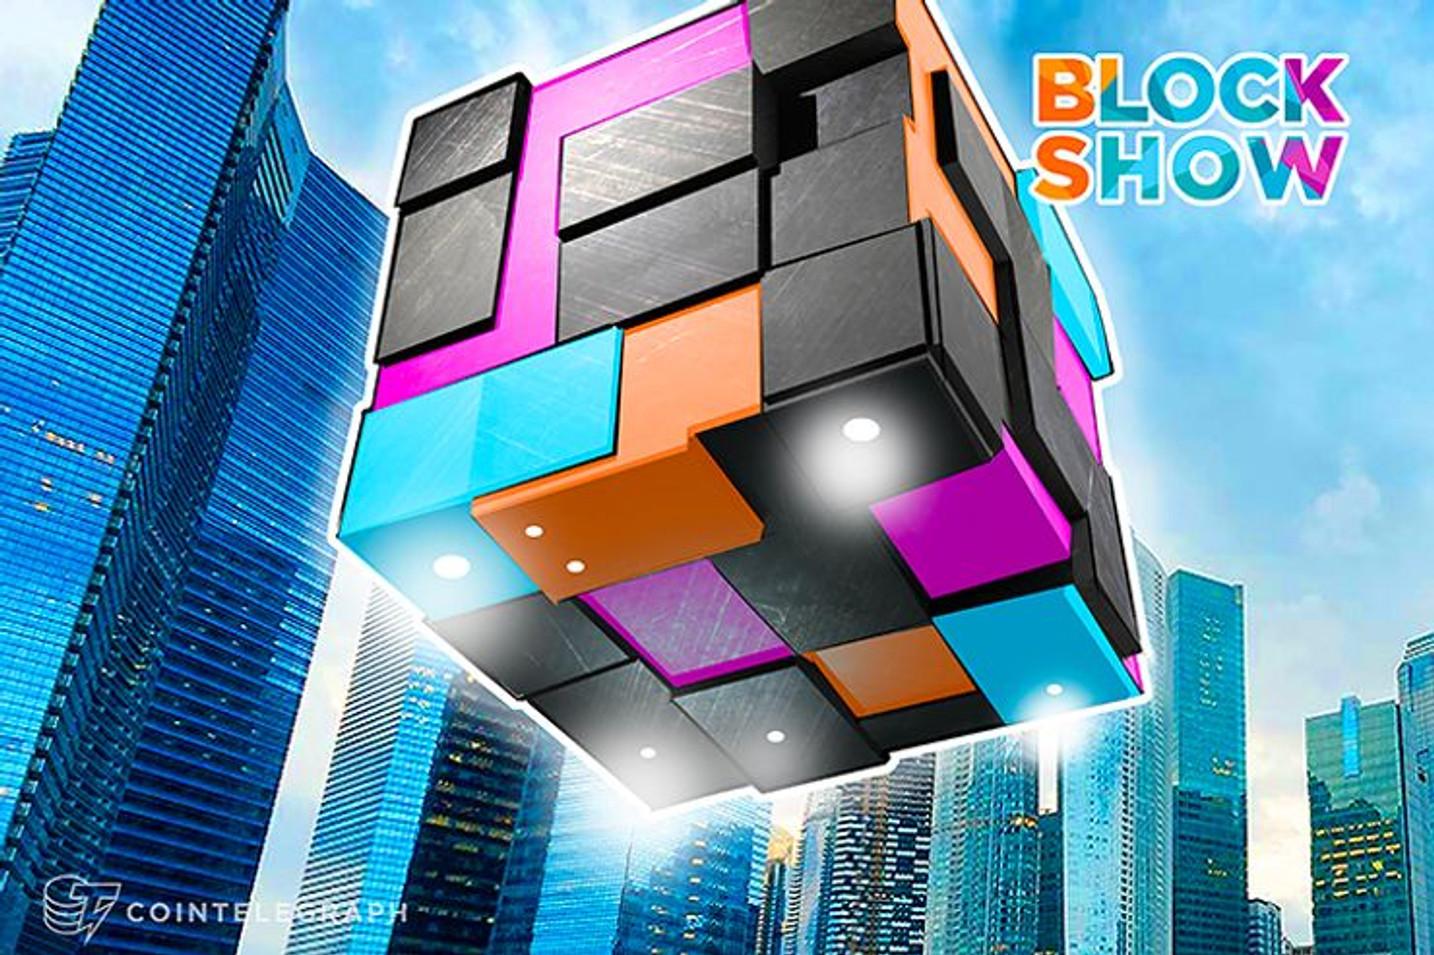 Expertos Discuten Cadena de Bloques y Democracia y La 'Libertad de Dinero' en BlockShow Americas